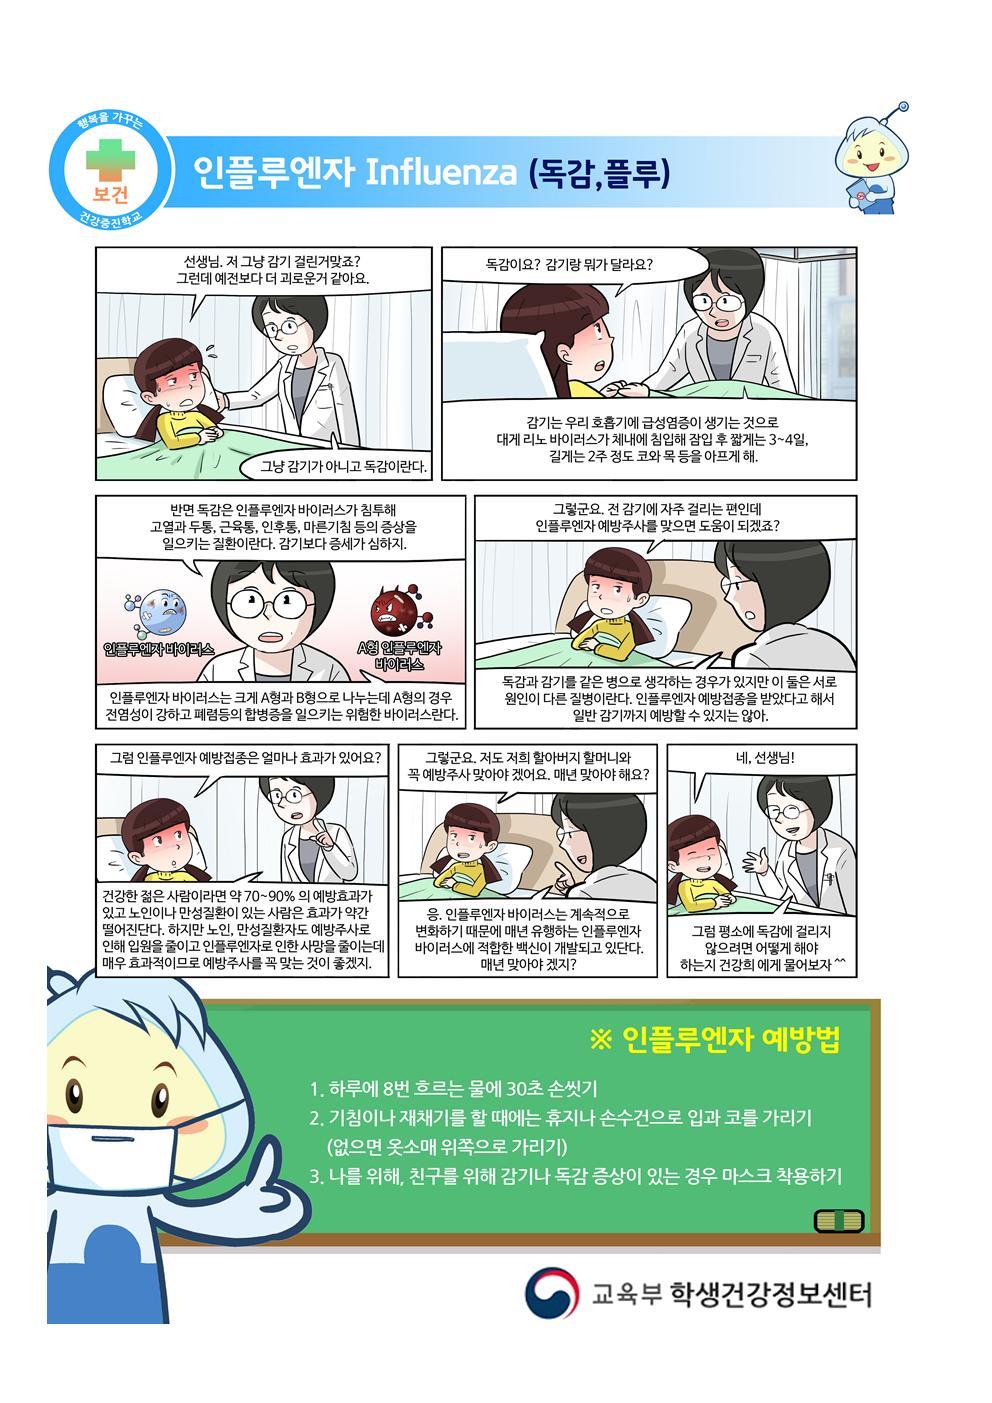 [일반] 독감 예방의 첨부이미지 1